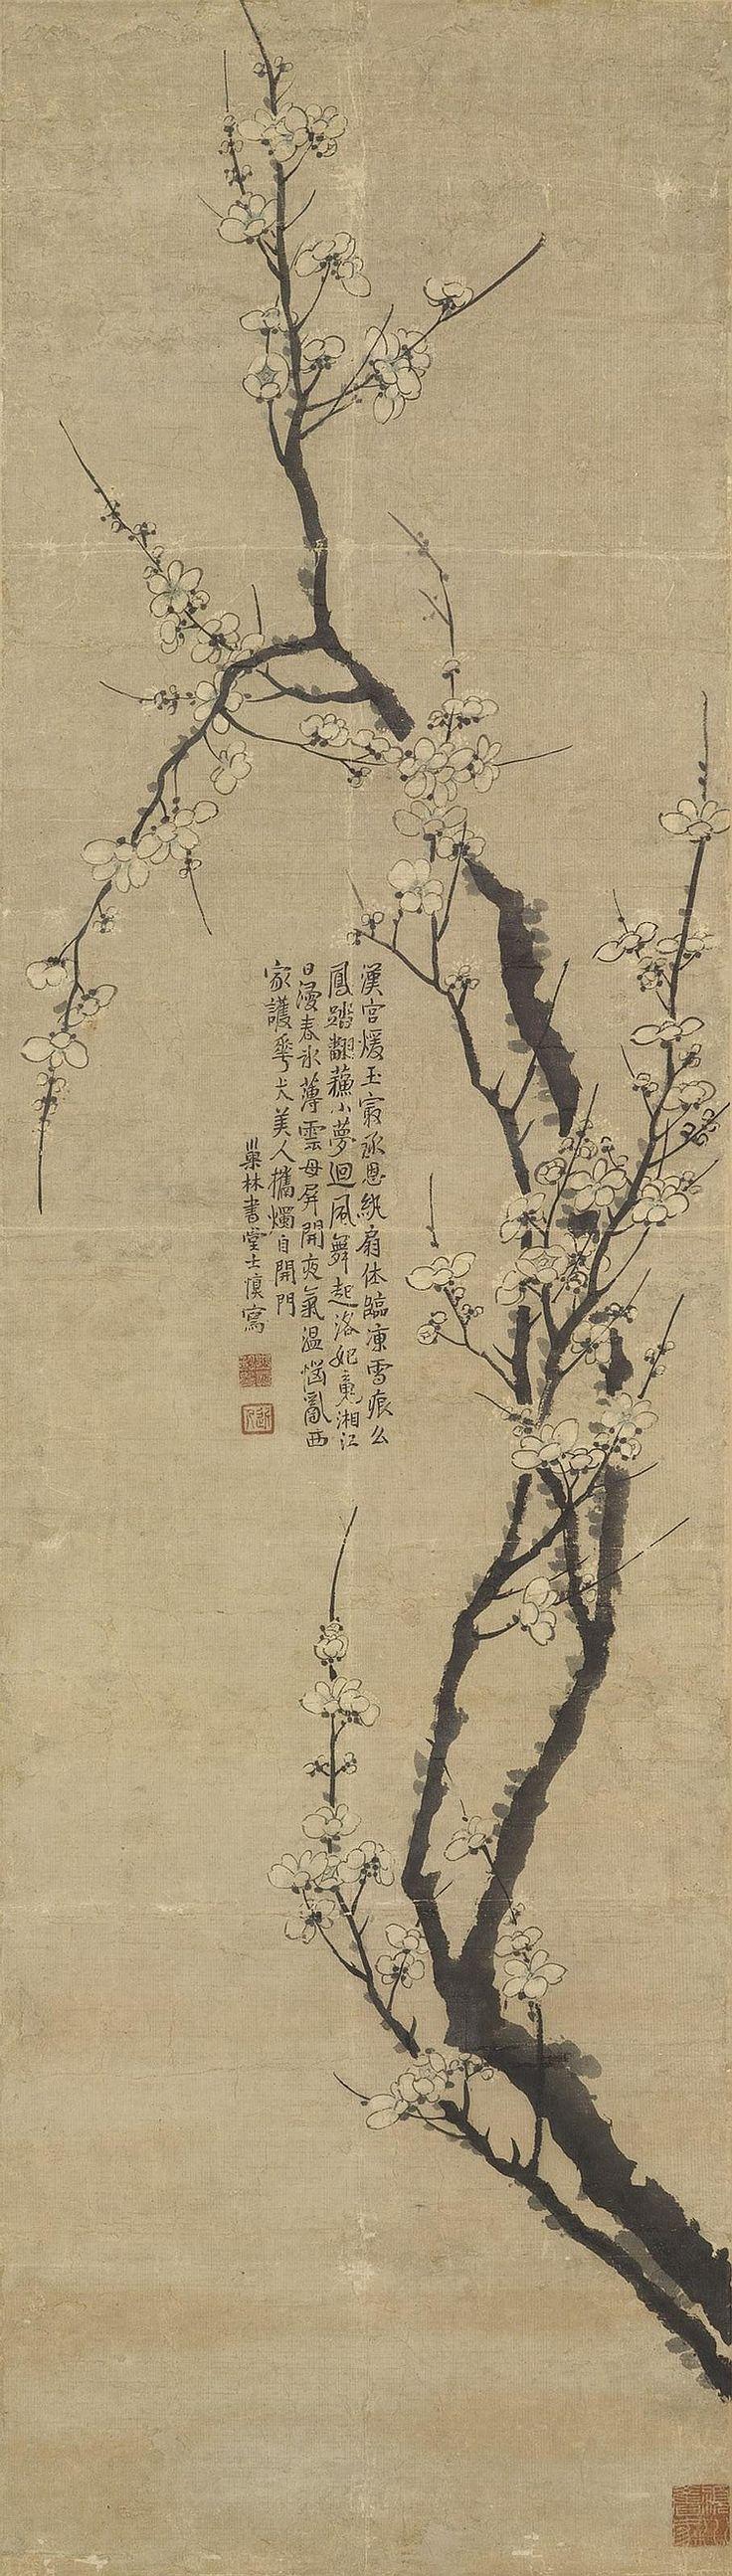 WANG SHISHEN (1686-CIRCA 1762) Wāng ShìShèn (汪士慎) (1686-1759) прославился изображениями цветов сливы. Ценились его картины с изображением людей, славился как каллиграф и резчик печатей. родился в бедной семье. Прославился как художник и стал неплохо зарабатывать своим искусством.